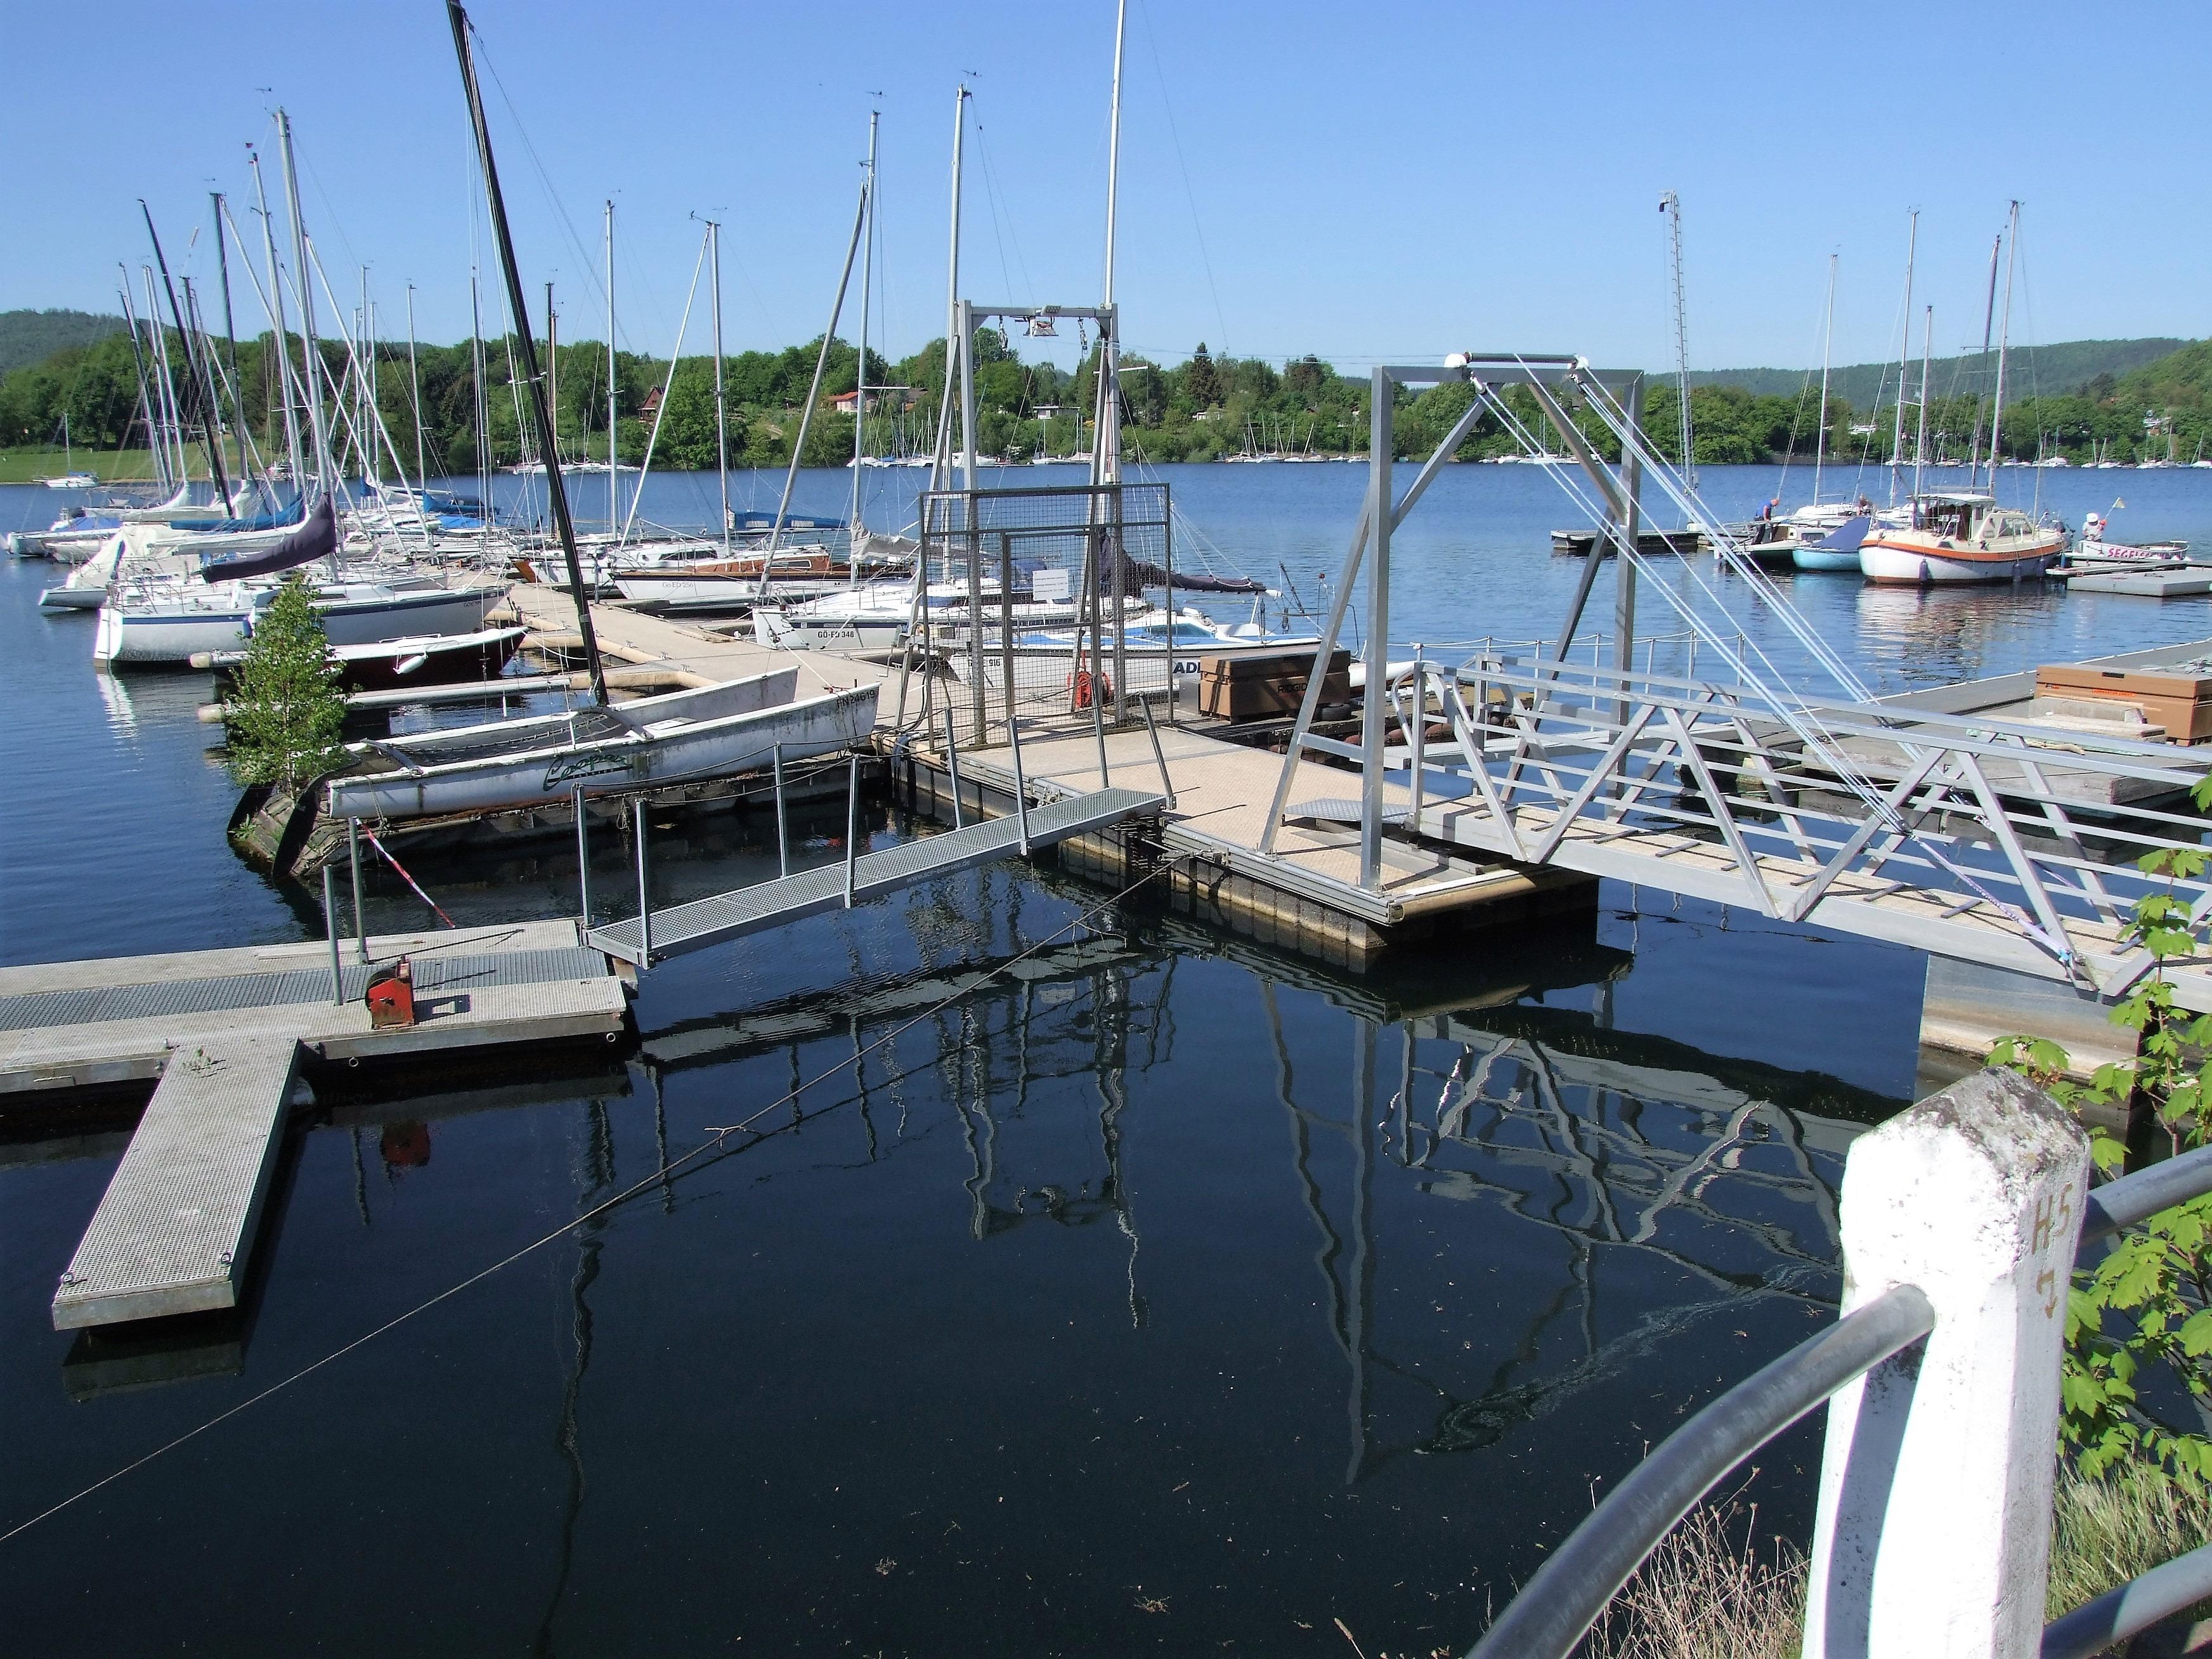 Der Yachthafen in Rehbach. (Foto: Uli Klein)